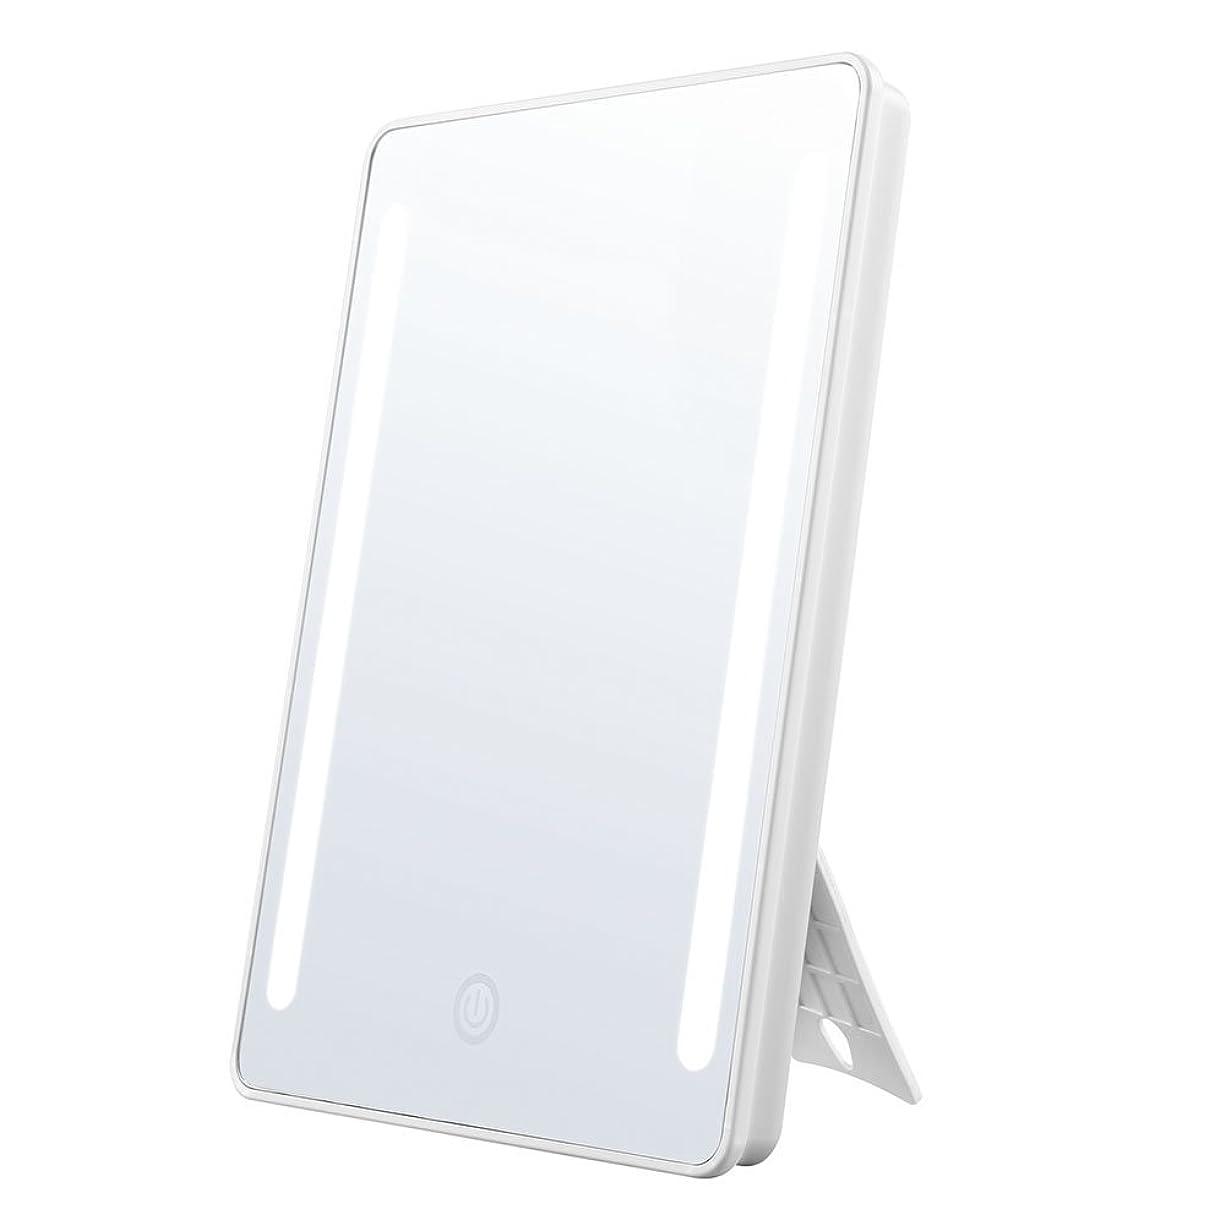 ささやきケイ素ゲートウェイJerrybox 鏡 化粧鏡 卓上鏡 大型 led 鏡 フルフレームLEDライト スタンドミラー 拡大鏡付き